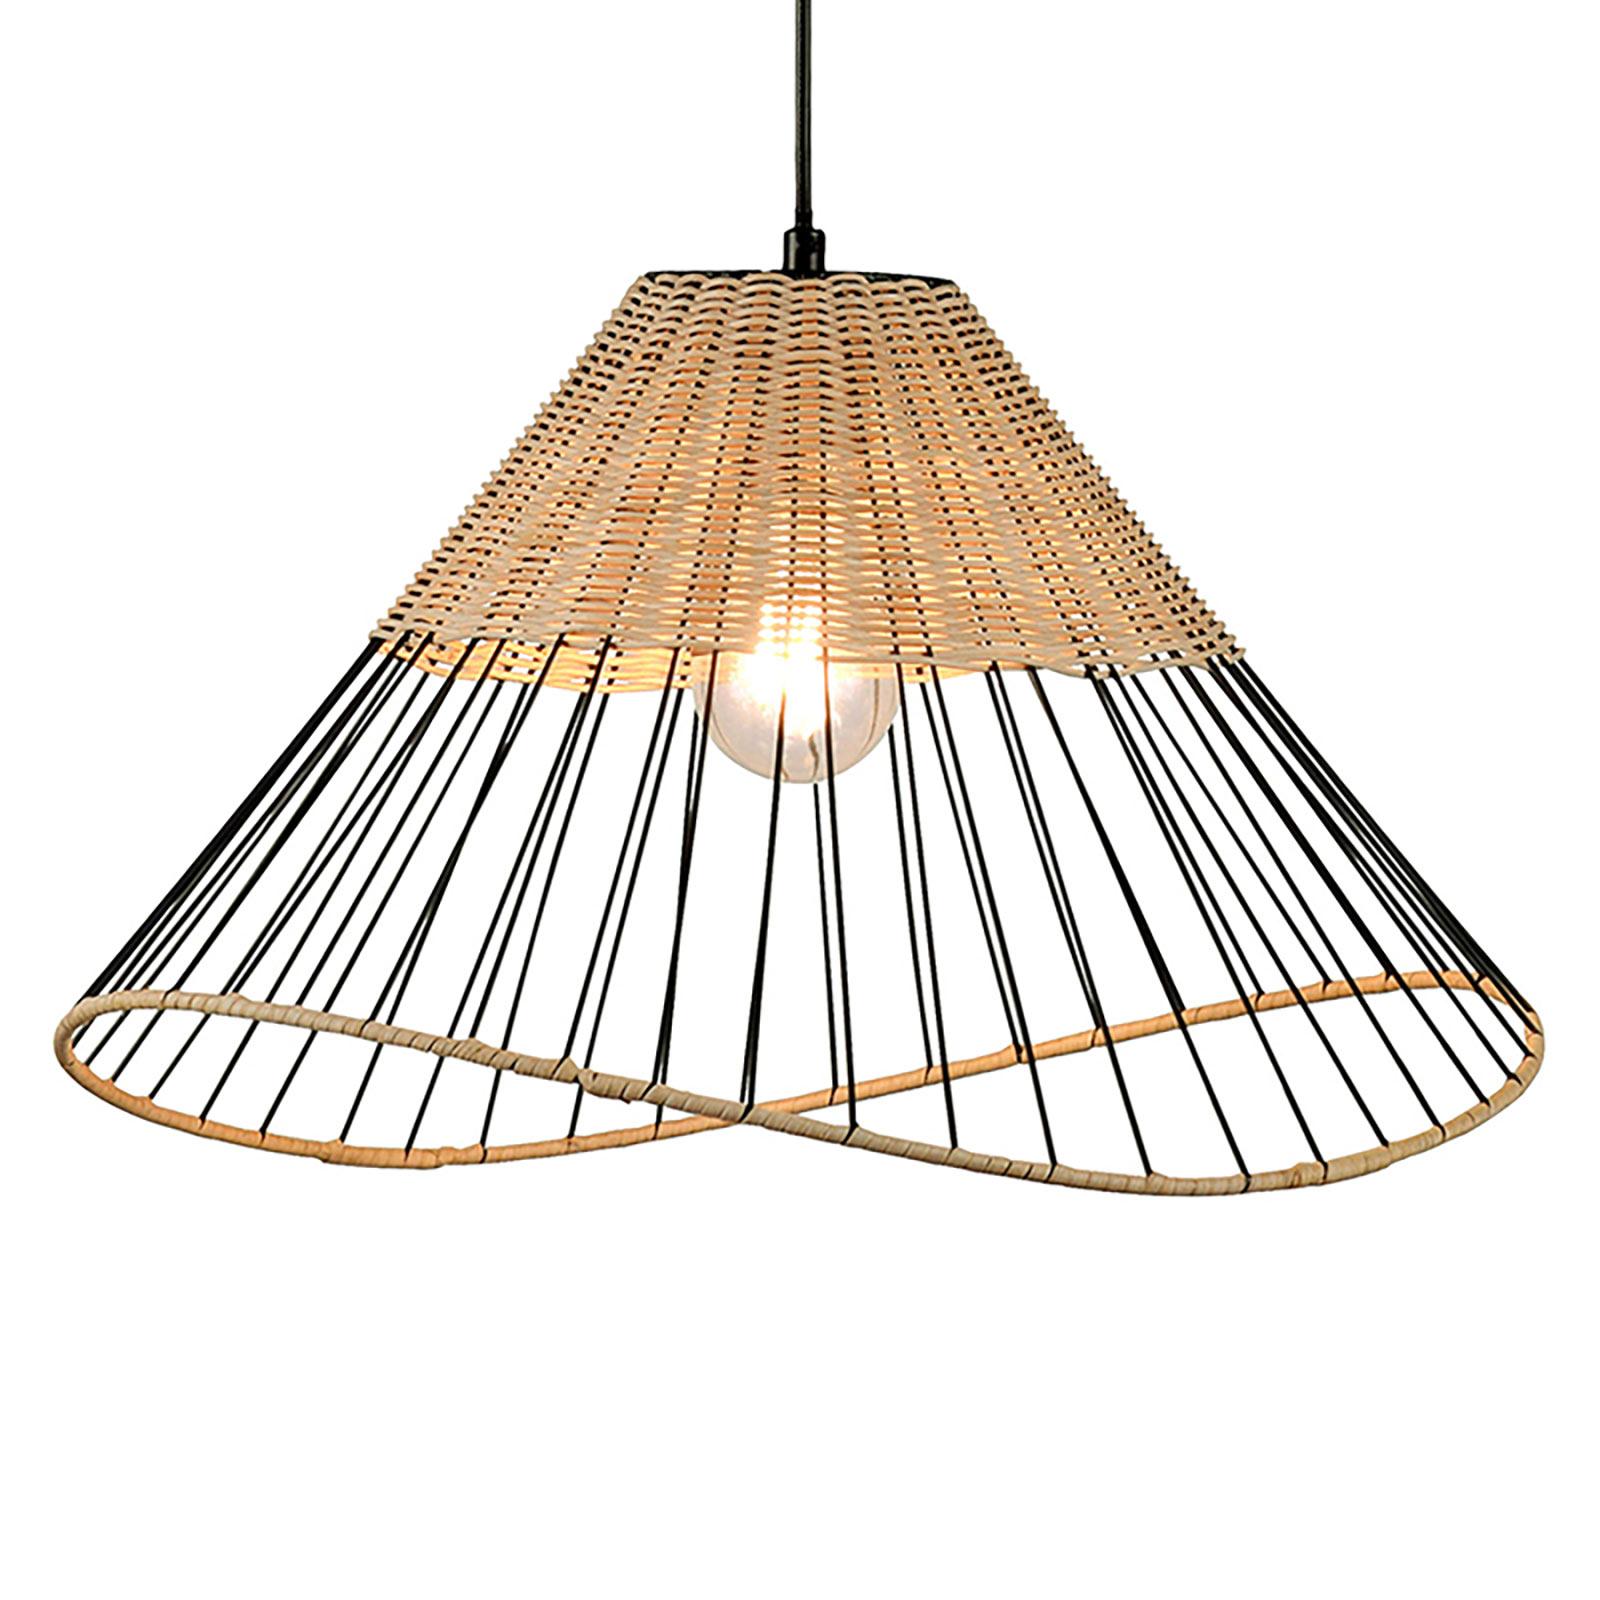 Lampa wisząca Reed ze stożkowym kloszem